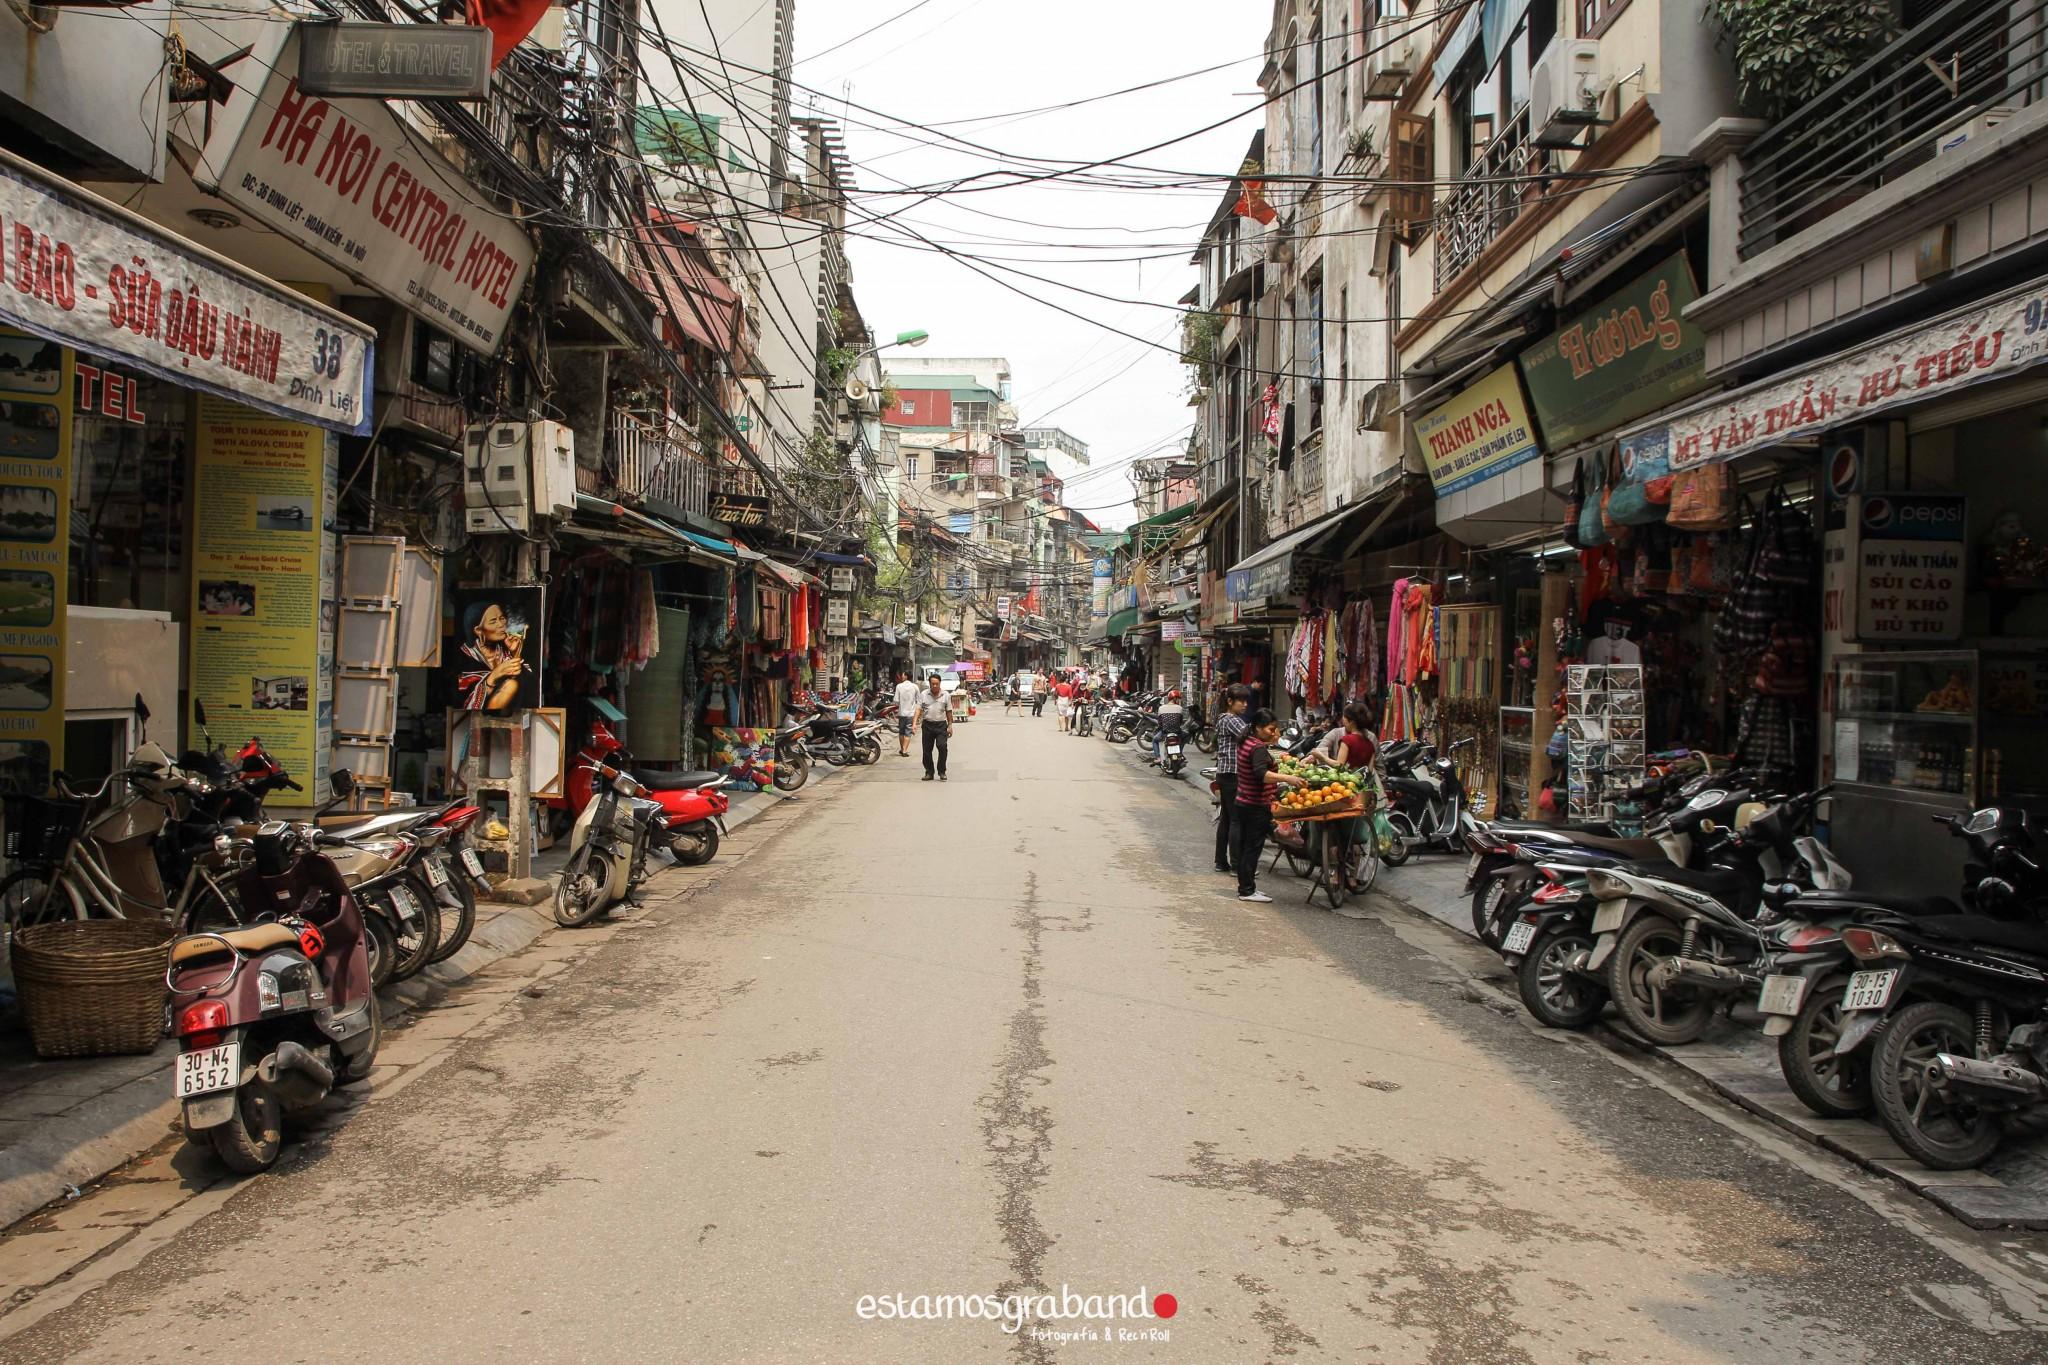 reportaje-vietnam_fotograficc81a-vietnam_estamosgrabando-vietnam_rutasvietnam_reportaje-retratos-fotos-vietnam_fotografia-vietnam_reportaje-estamosgrabando-fotograficc81a-vietnam-81 Pequeños grandes recuerdos de Vietnam en 100 imágenes - video boda cadiz